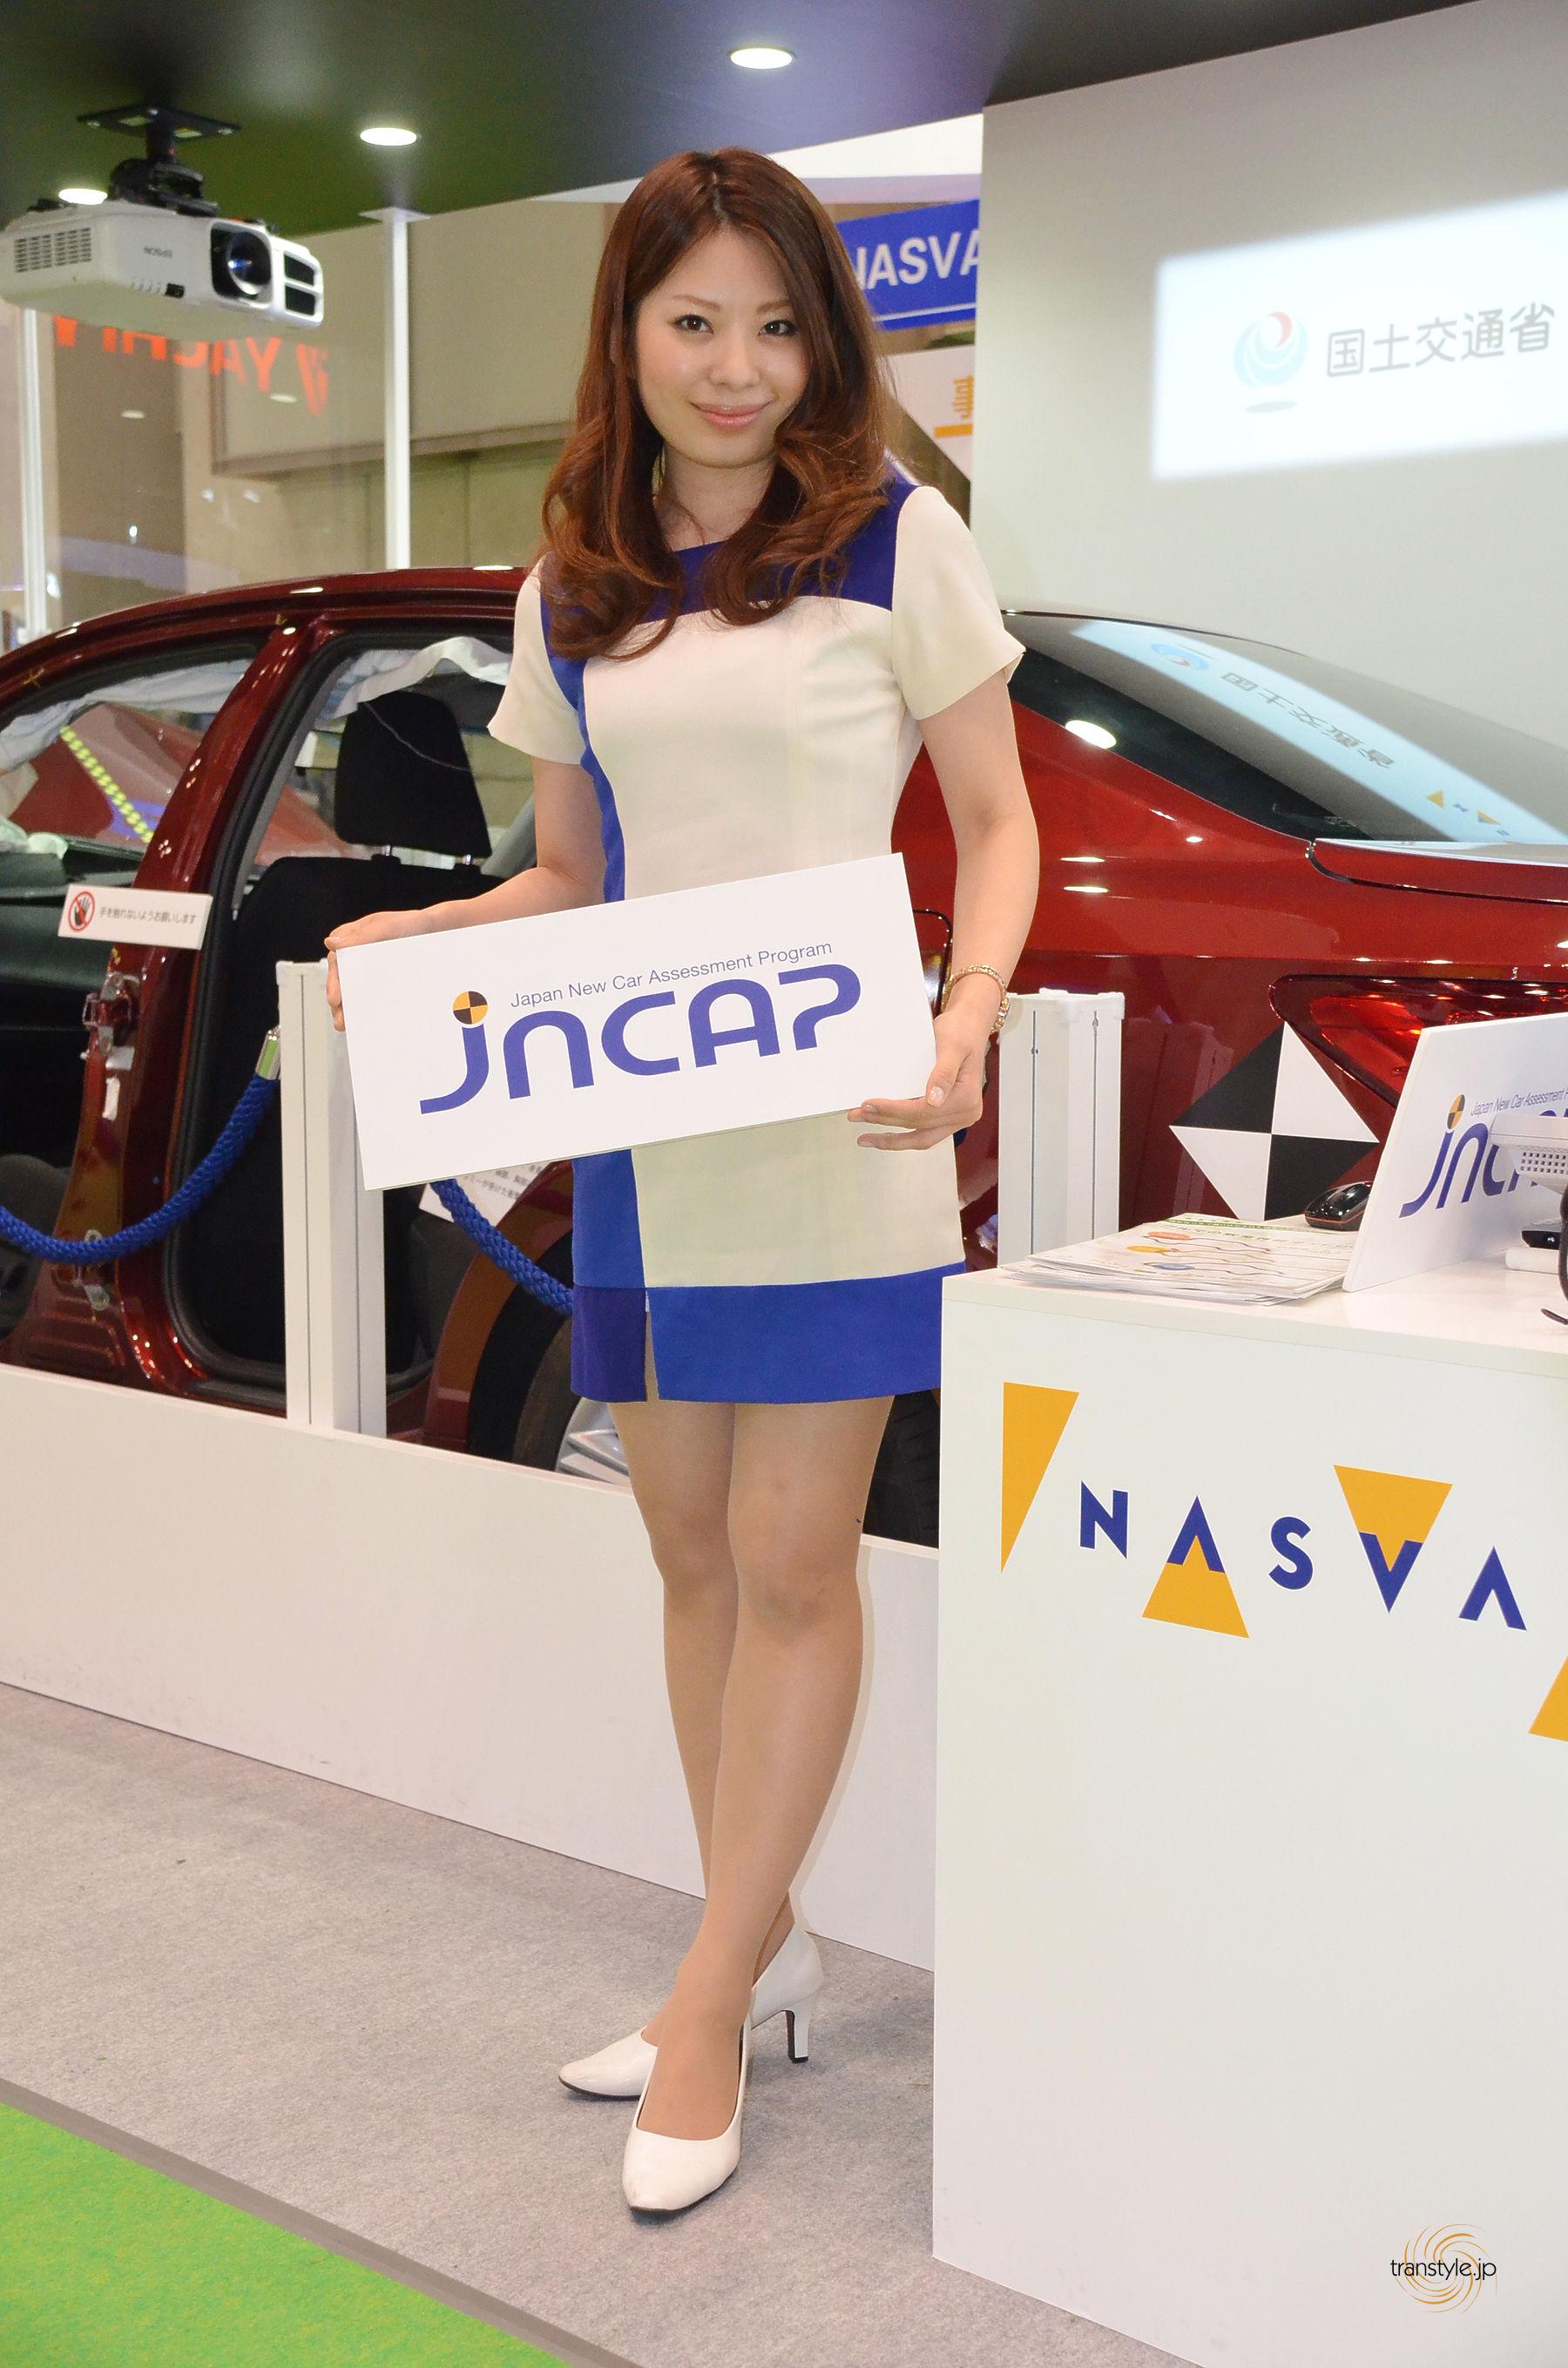 NASVA TokyoMotorShow2013_NO1美女.jp0044